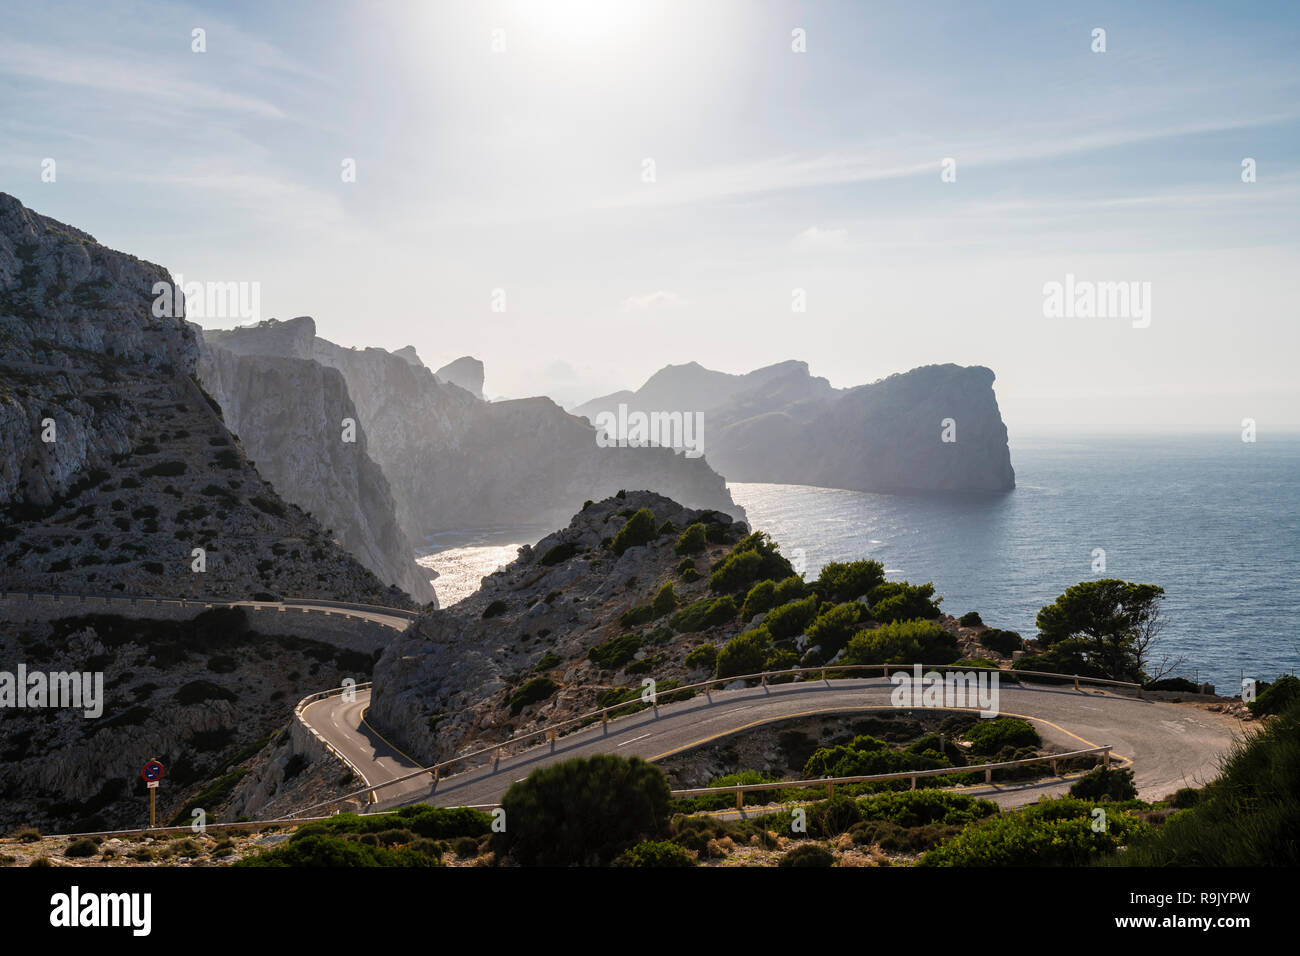 Mallorca Aussichtspunkt Cap Formentor, Majorca Viewpoint Cap Formentor - Stock Image